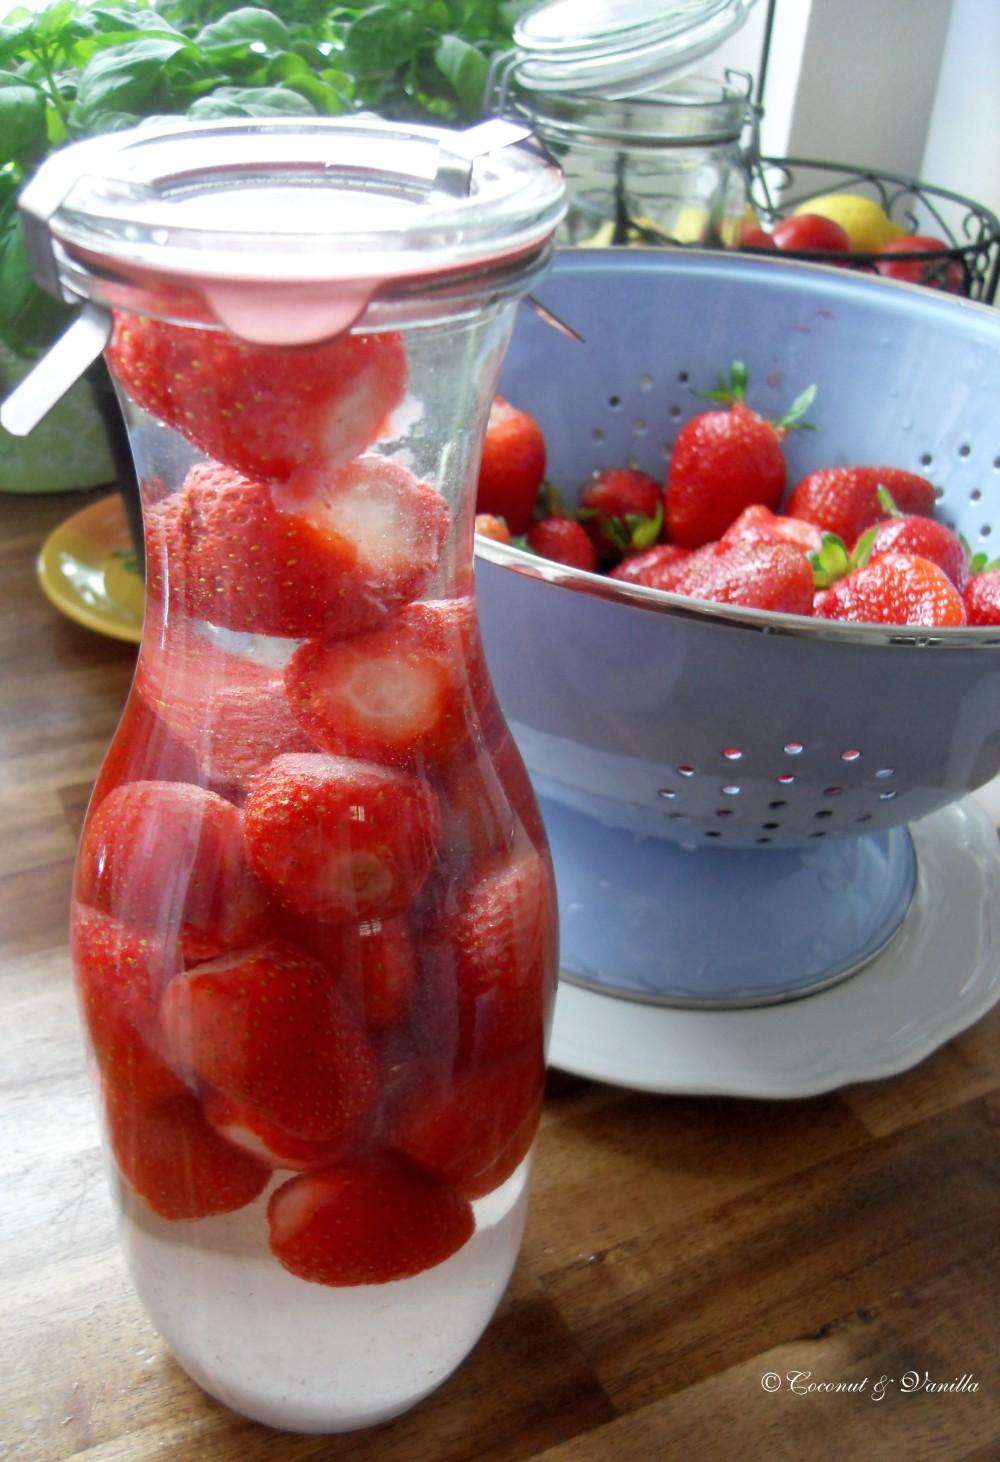 Strawberry Liquor, Basil Olive Oil & Elderflower Vinegar